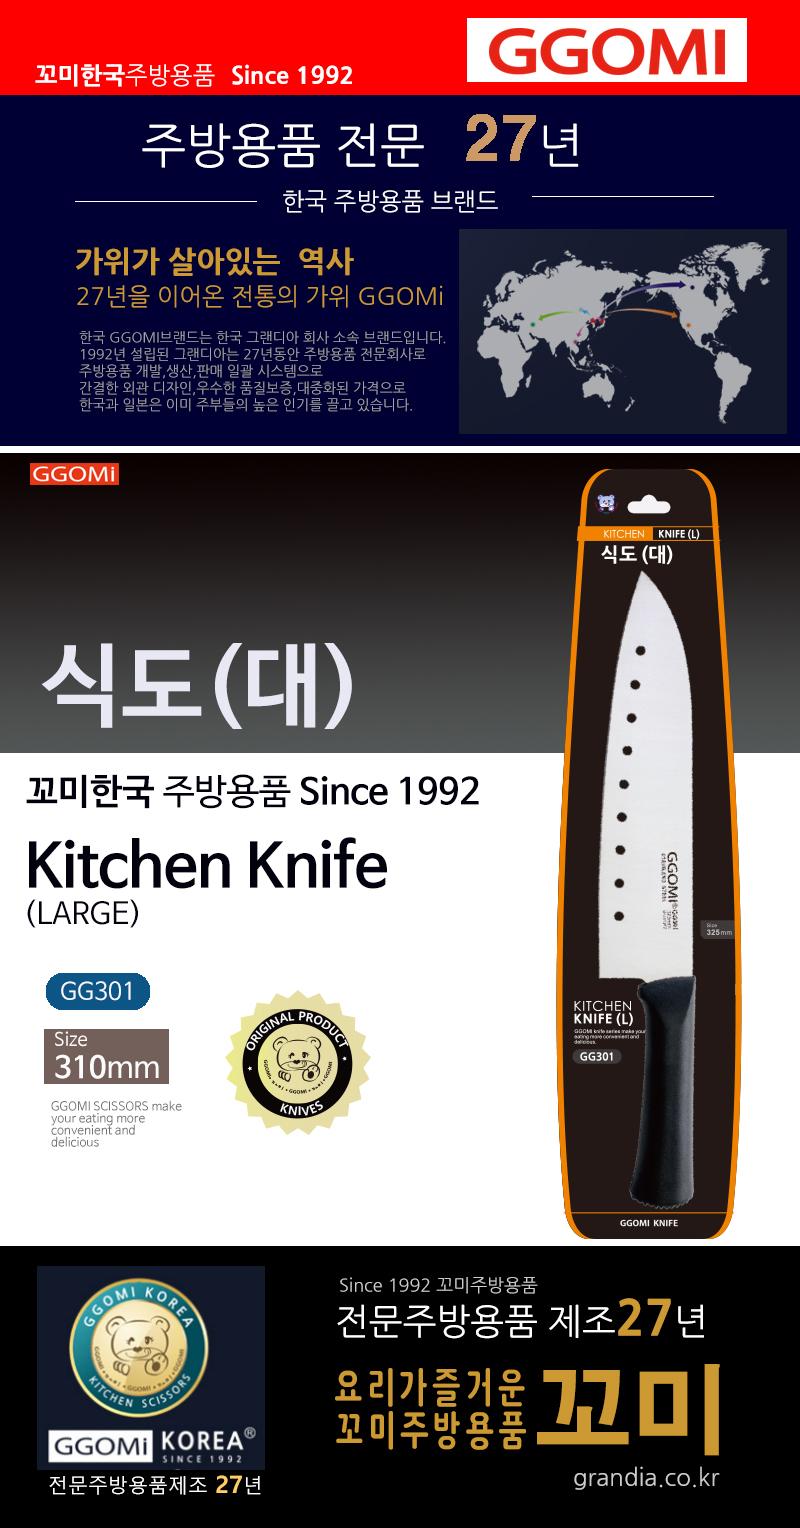 [GGOMi KOREA] Dao nhà bếp Hàn Quốc - GG 301